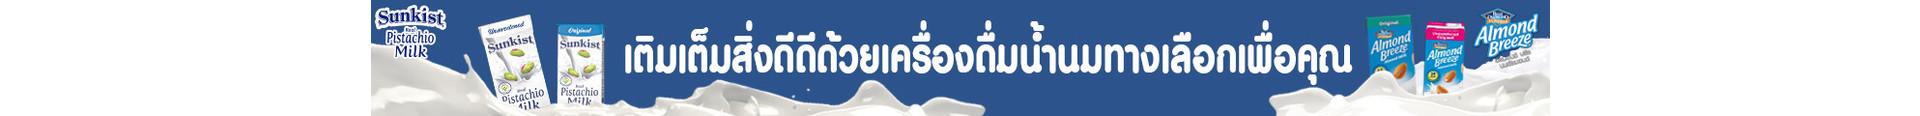 banner header